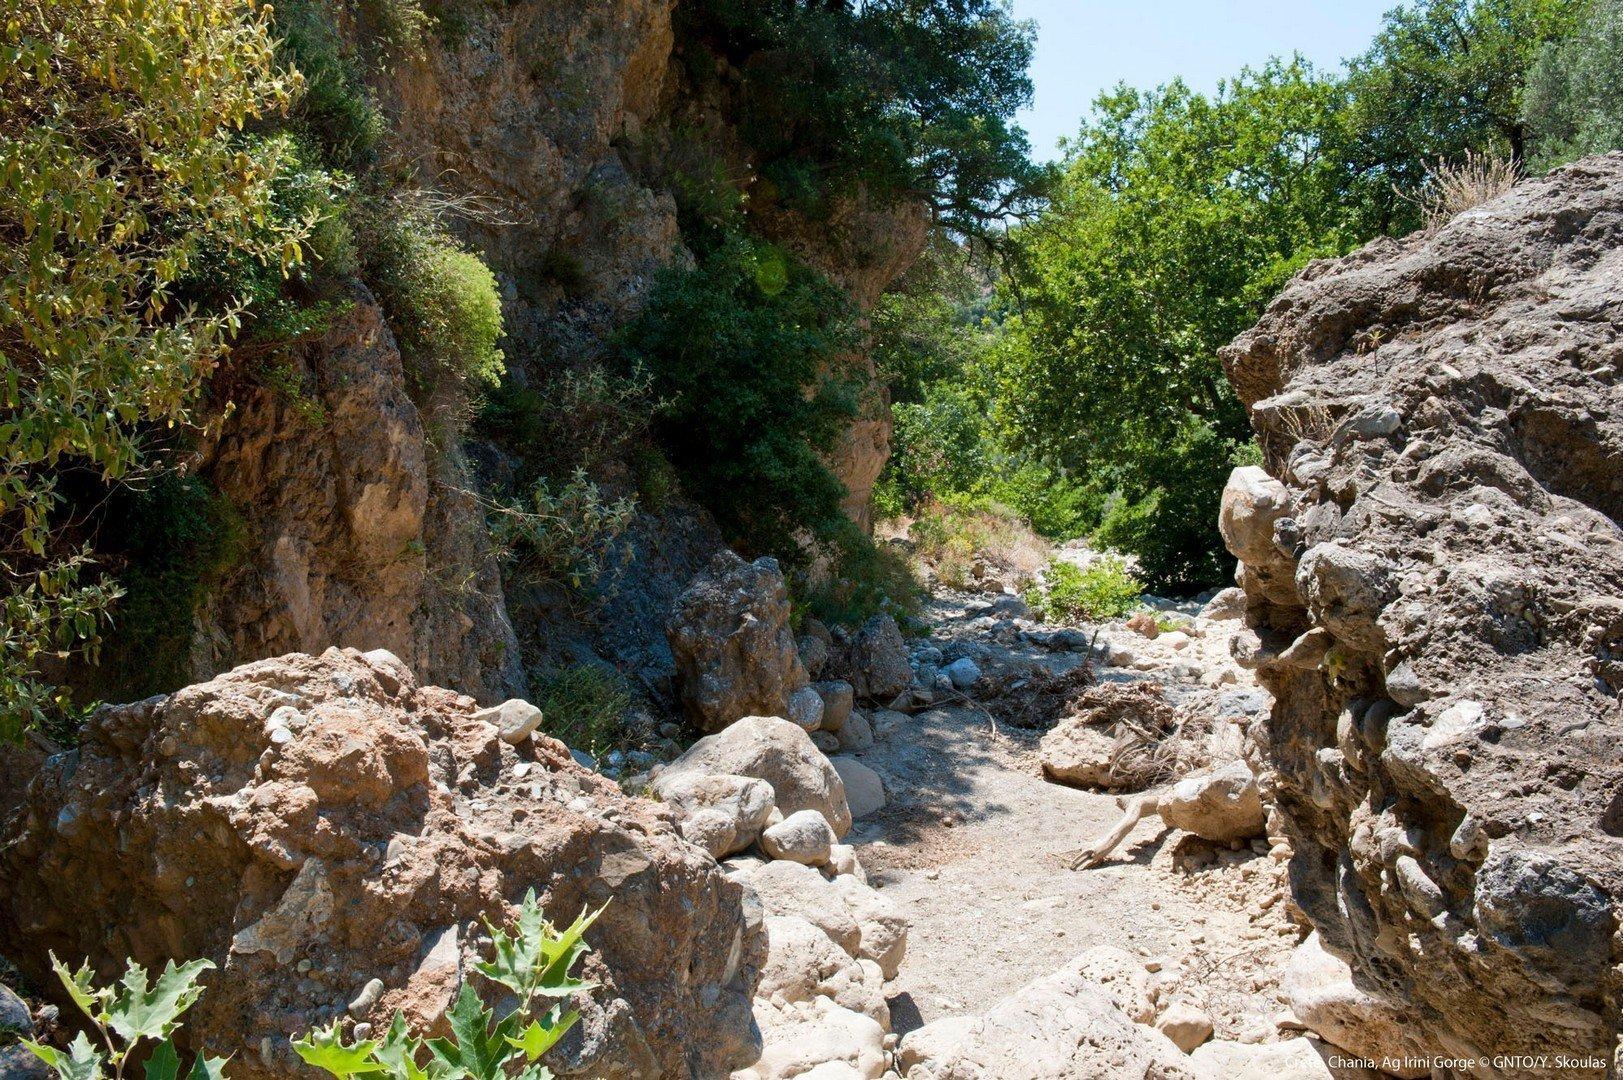 Ag. Irini Gorge, Sougia - Chania